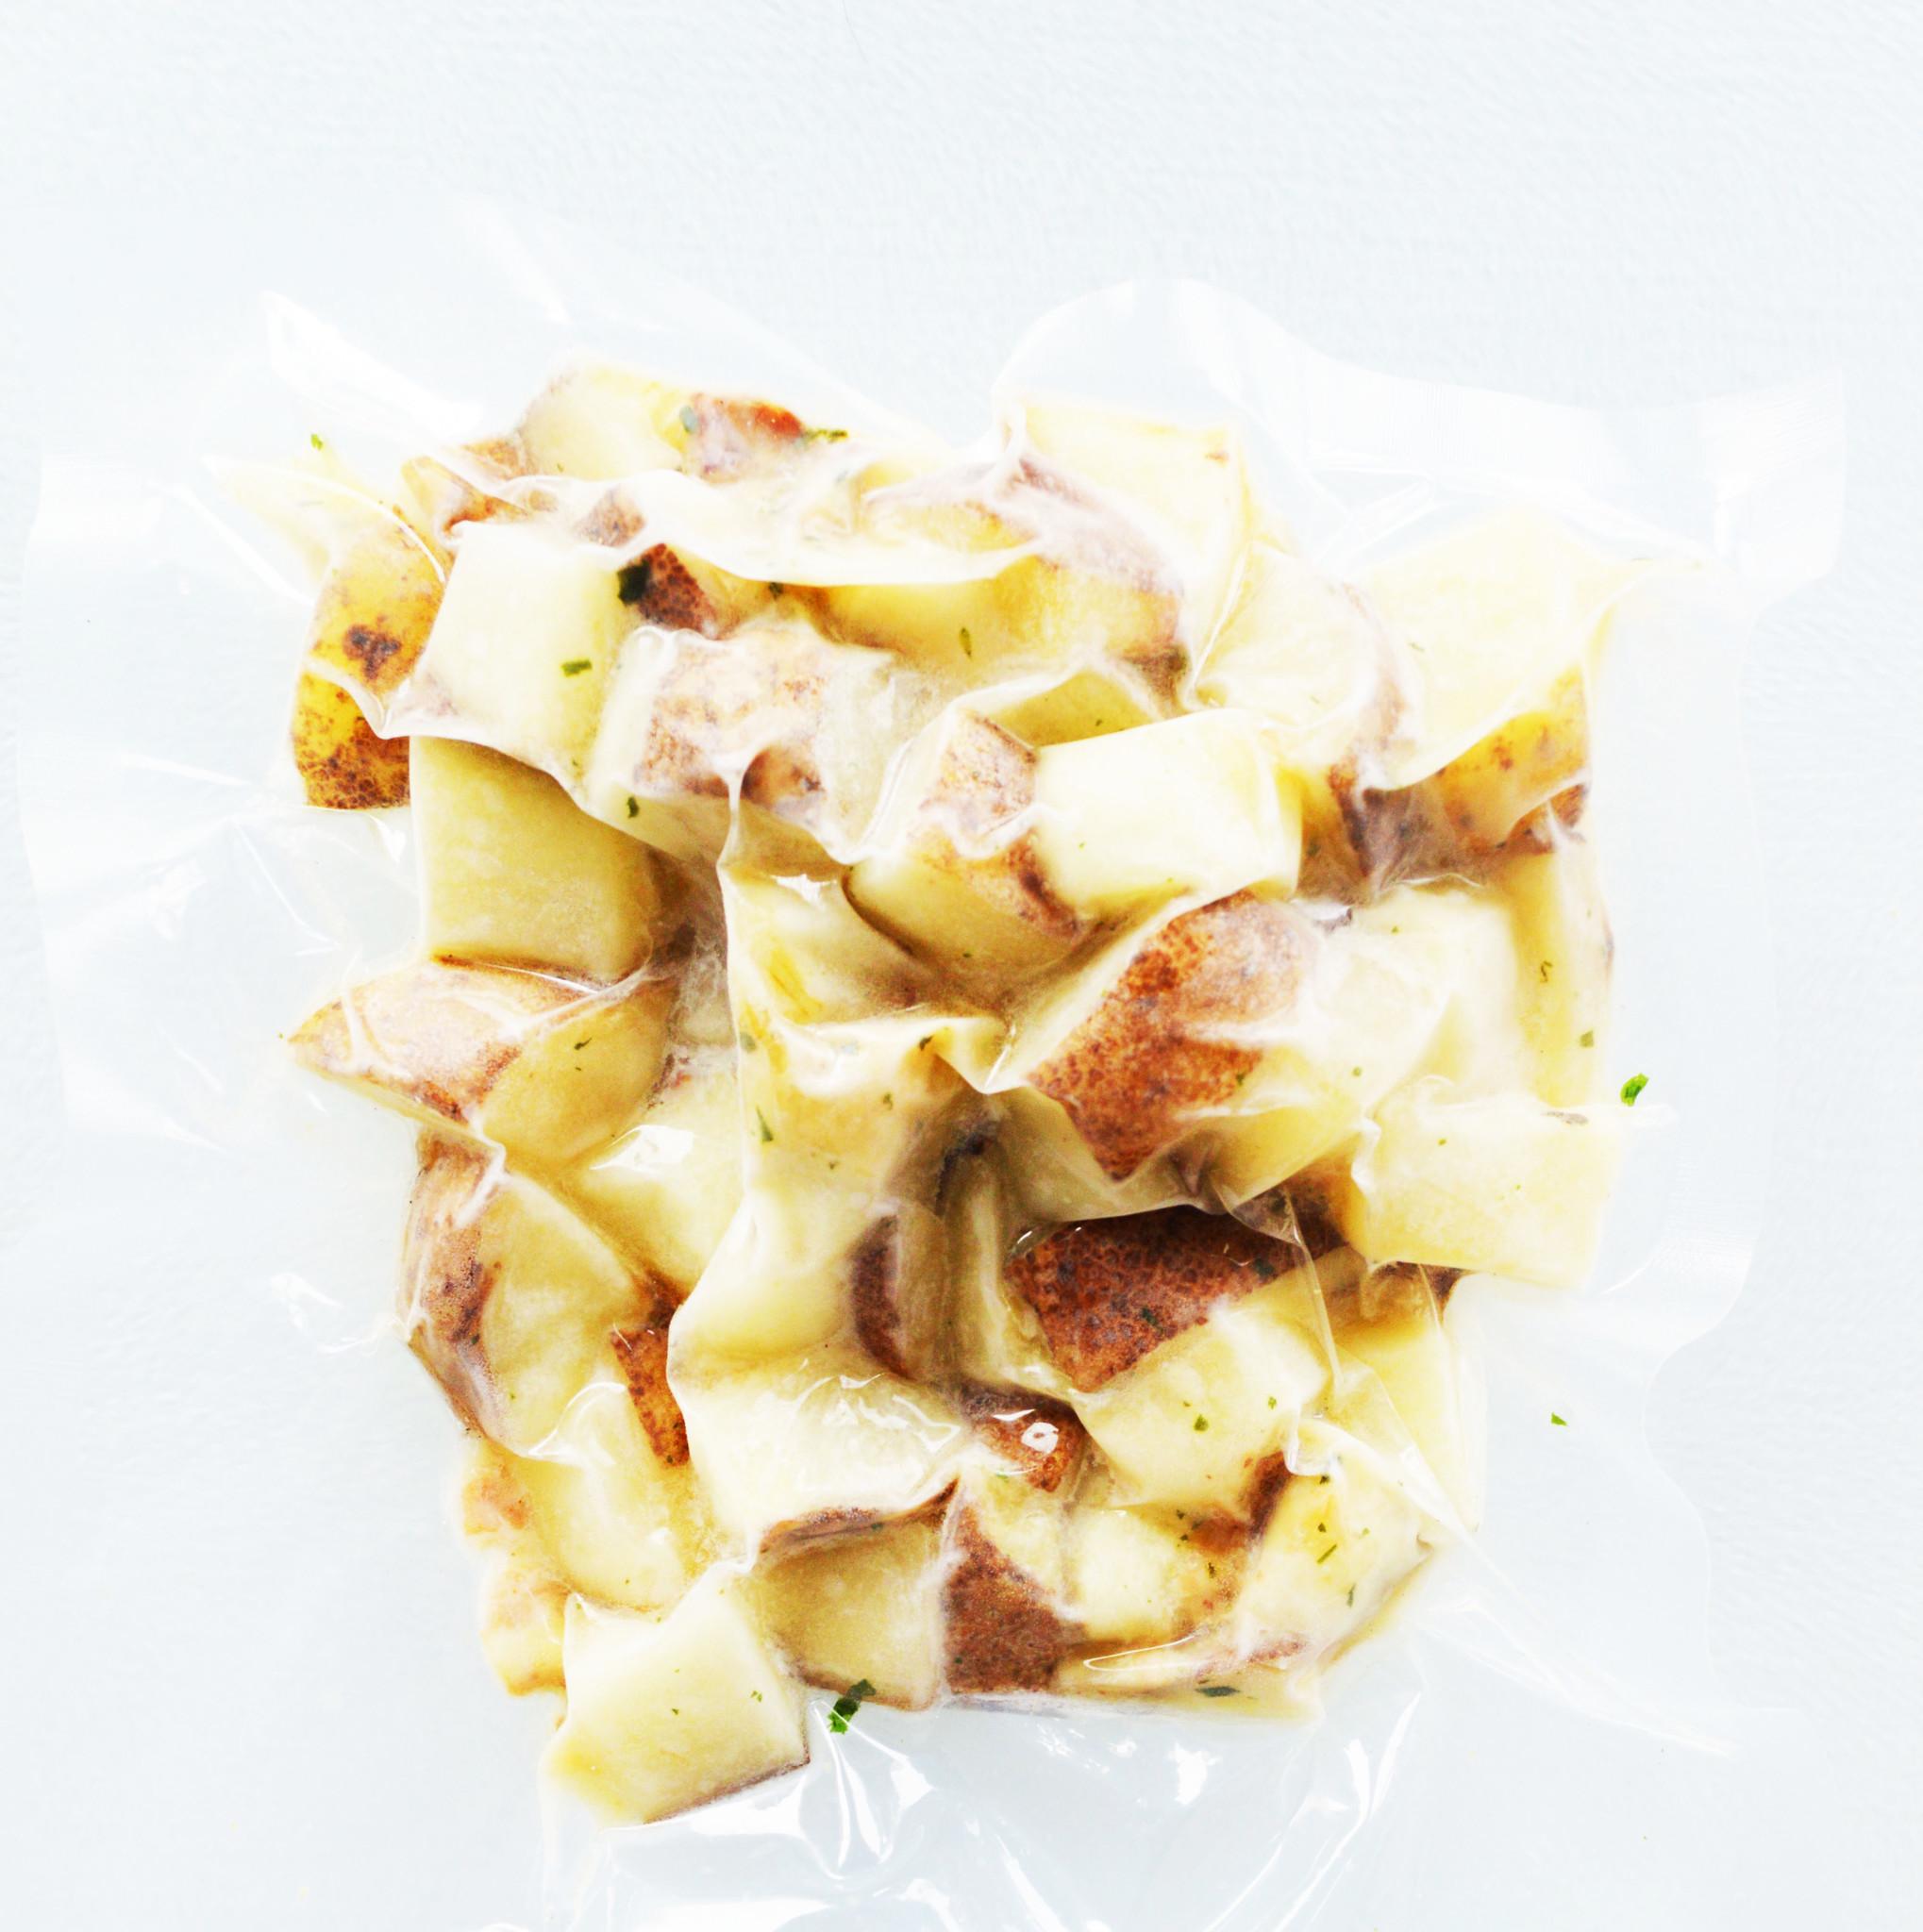 Patates à déjeuner, bacon & oignons